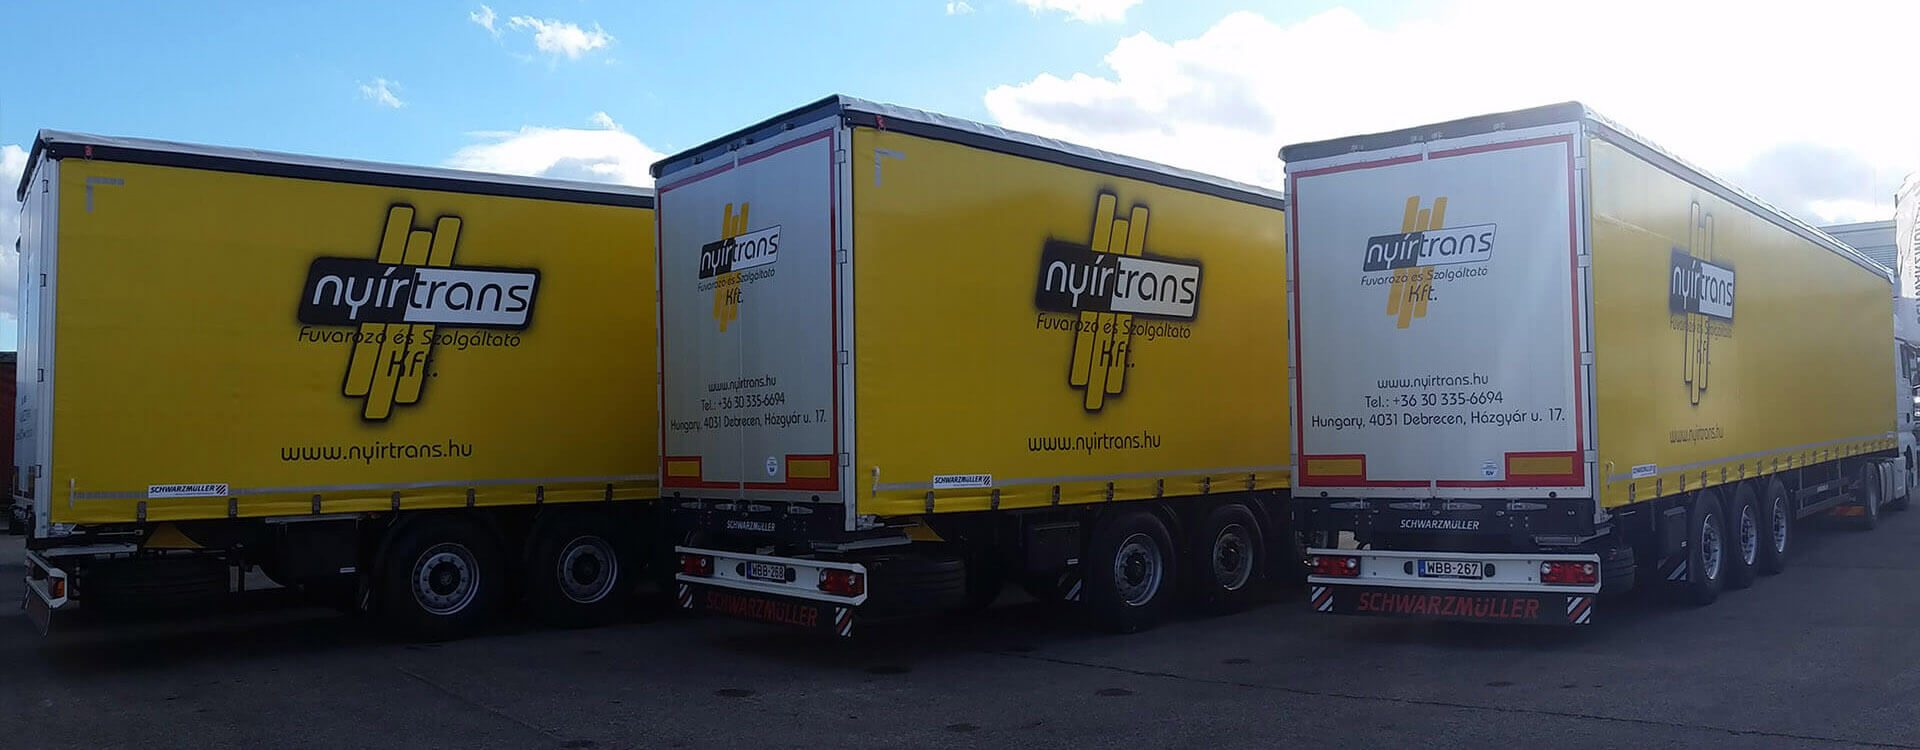 Nyírtrans kamionok